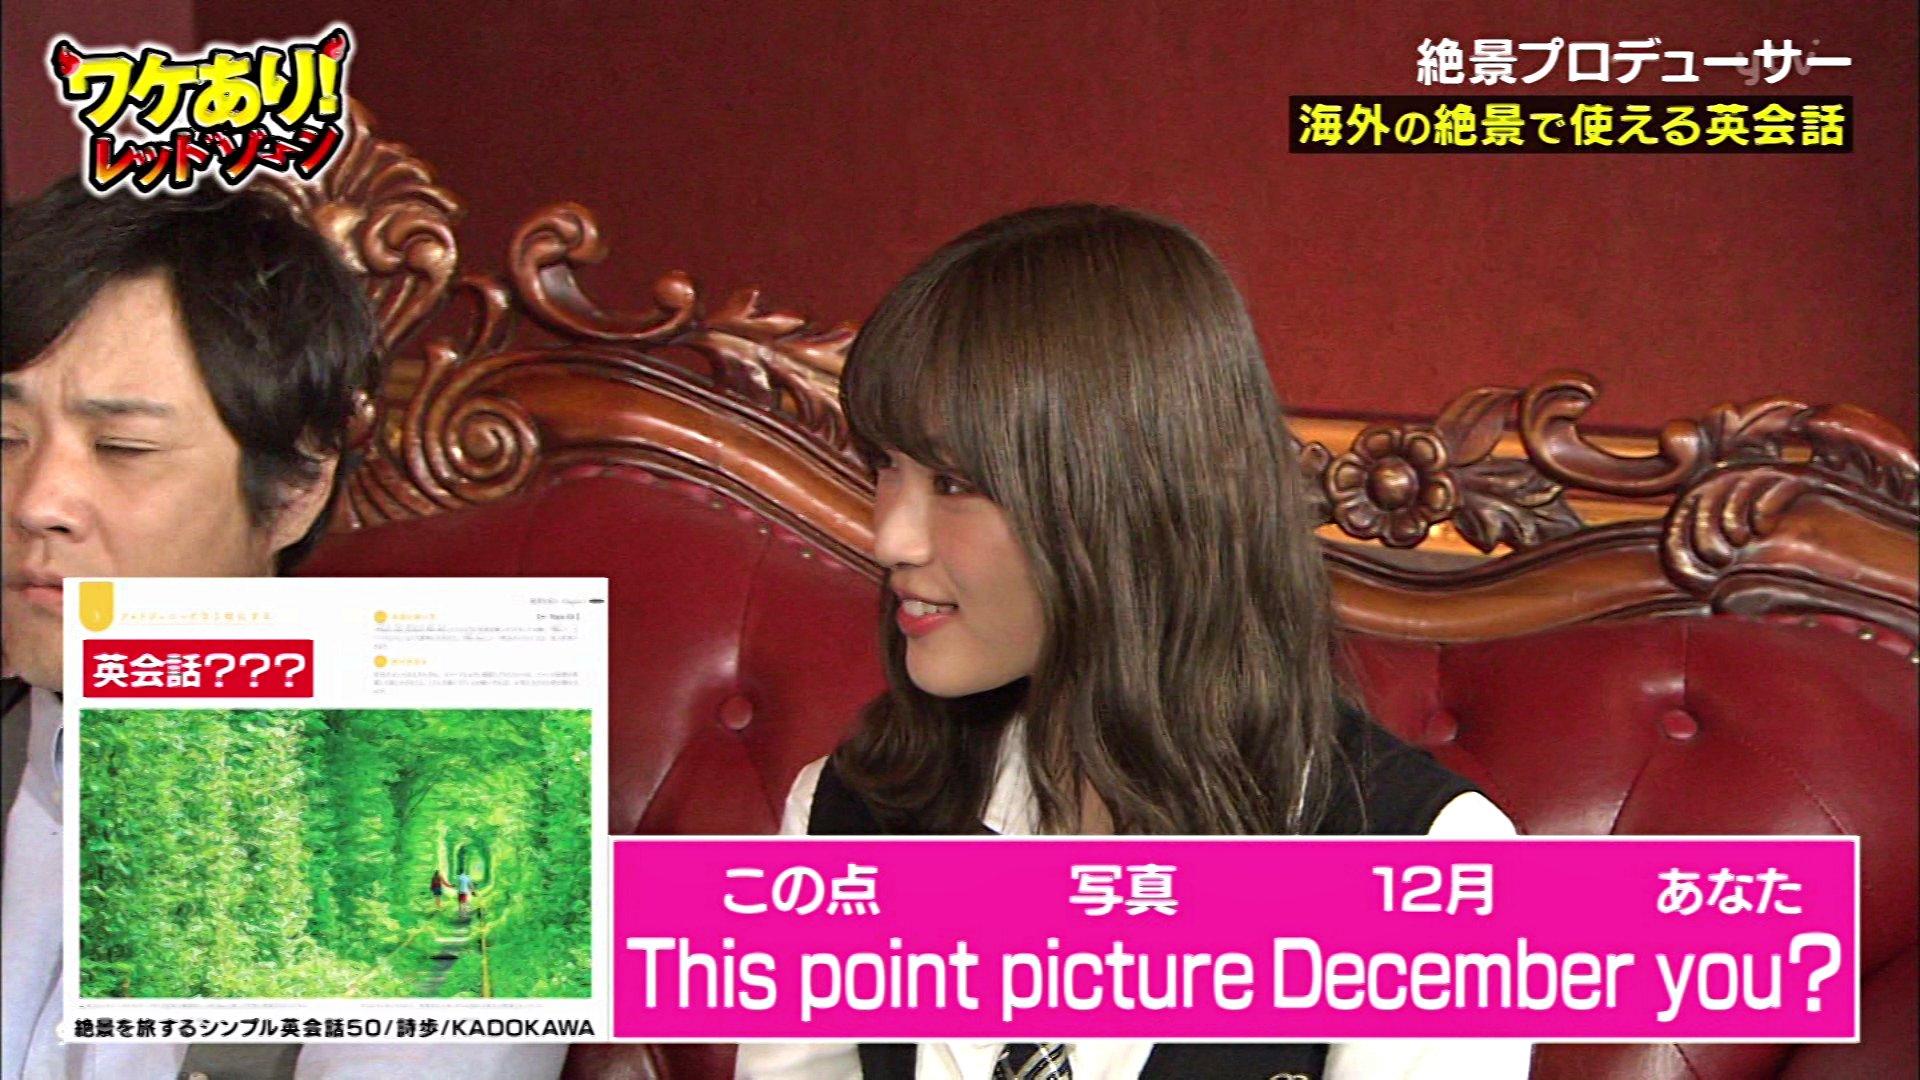 【渋谷凪咲】なぎさ出演 4月20日「ワケあり!レッドゾーン」の画像。絶景プロデューサーが登場。